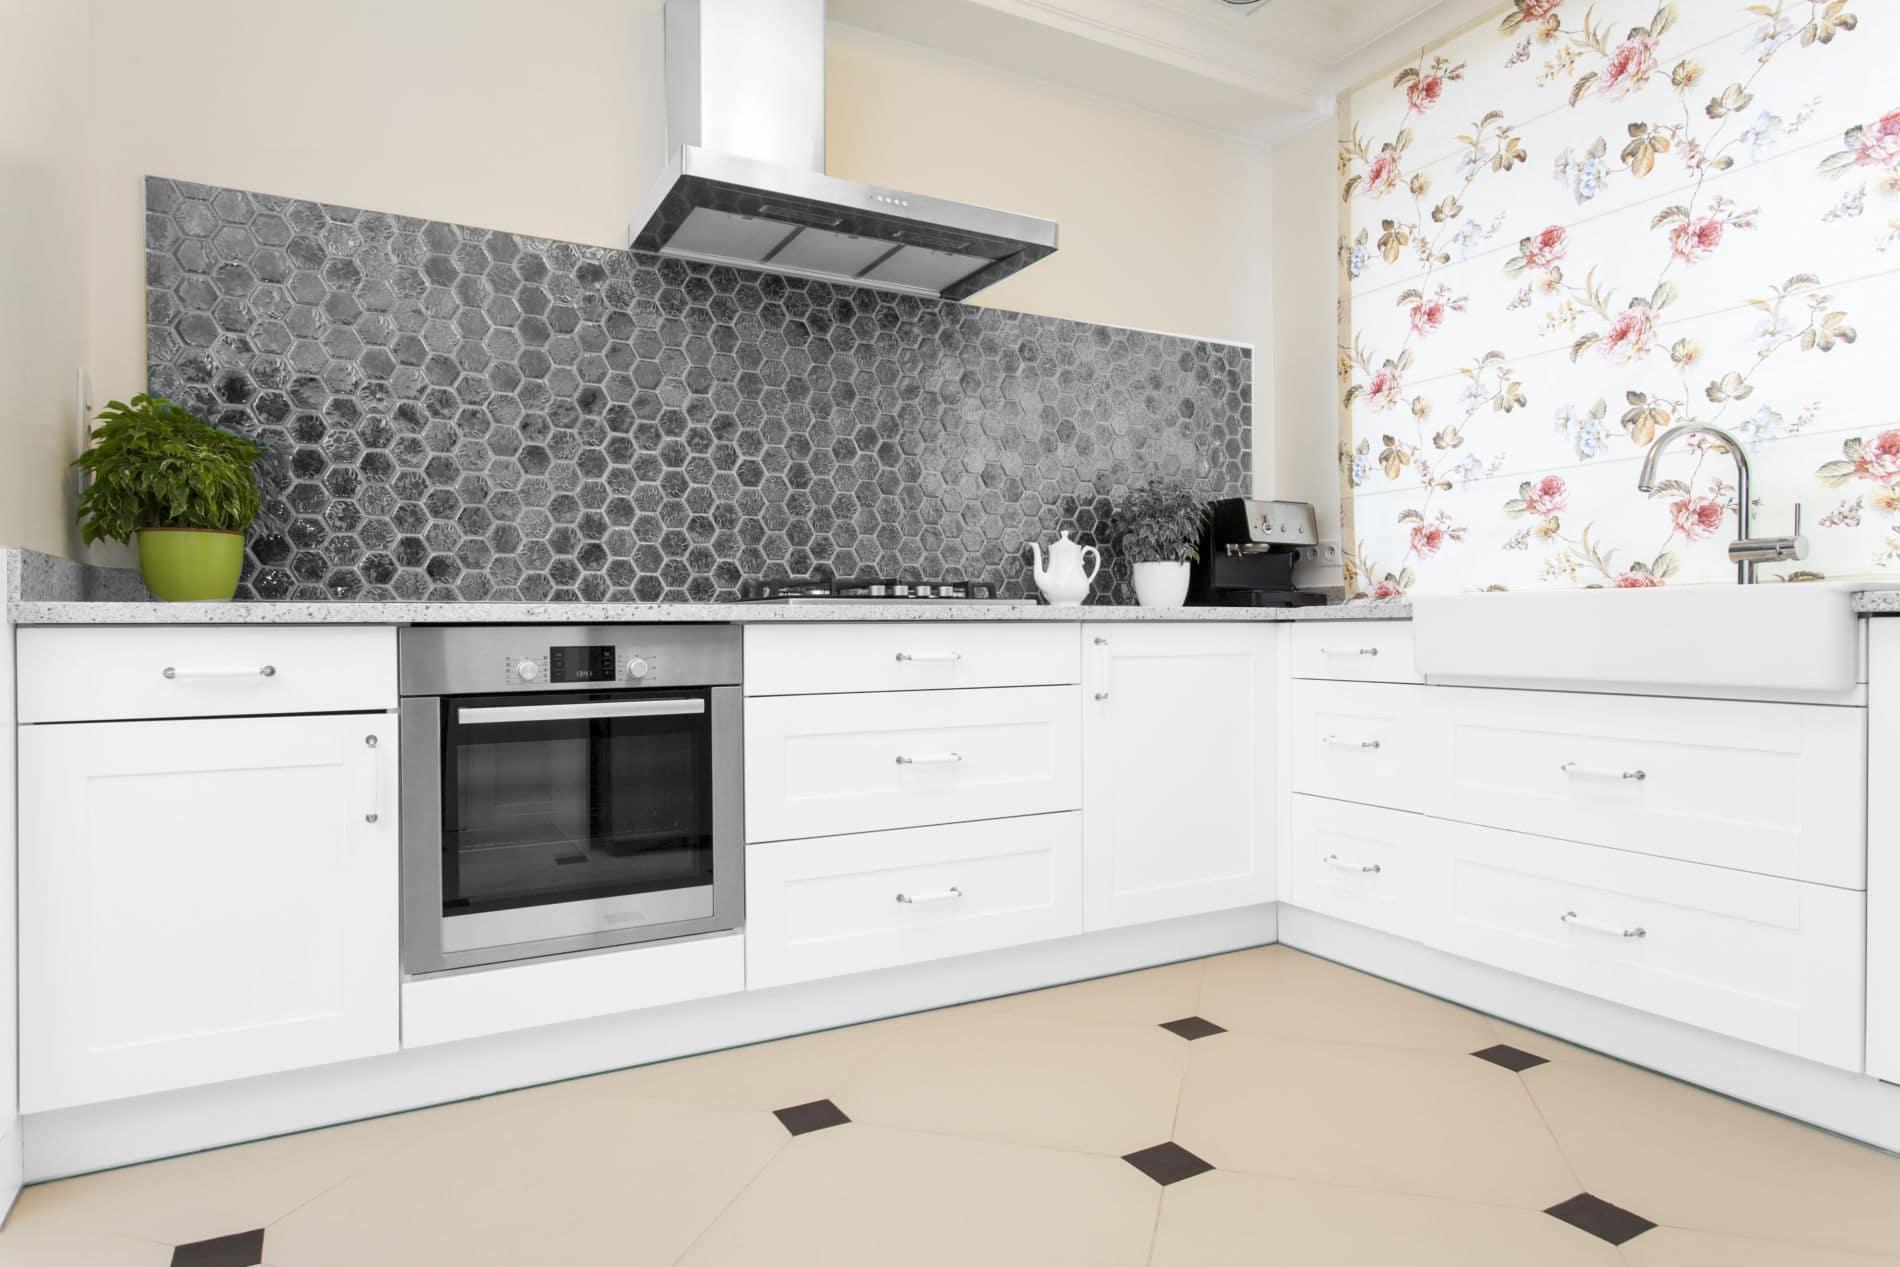 מטבחים מעץ מכירת אביזרים למטבחים אשר יודעים לתת שירות טוב עם הנכונות לעזור שיודעים לתת אחריות לעבודתם תוך כדי הפעלת המקרר והתנור ללקוח במטבח שלו